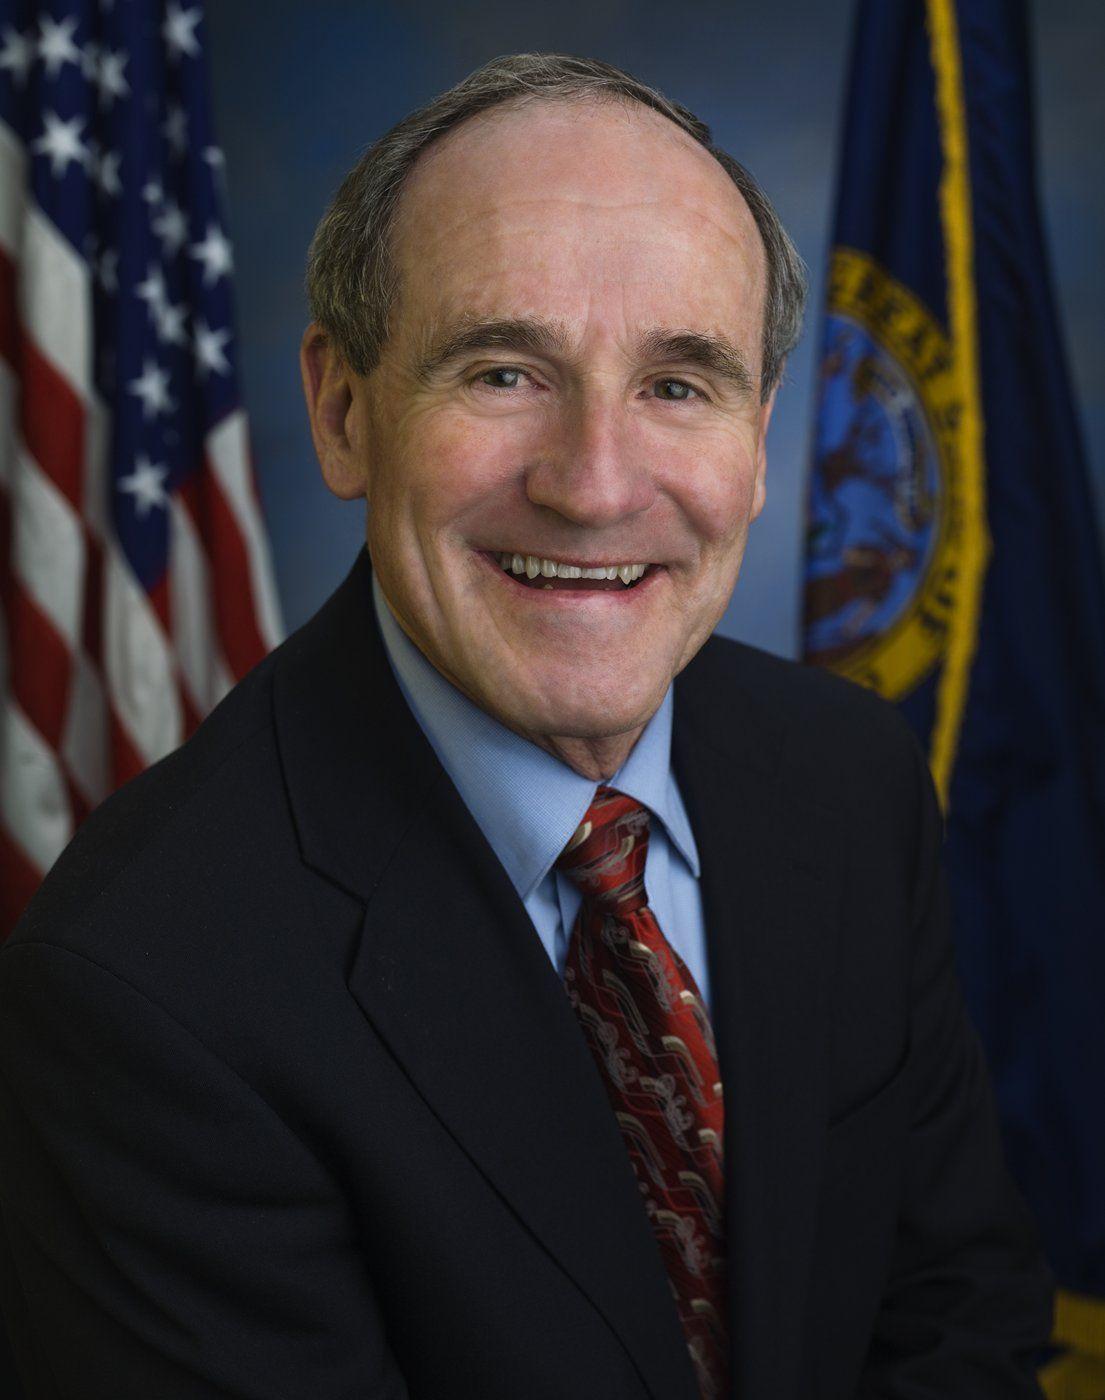 Sen. Jim Risch mug